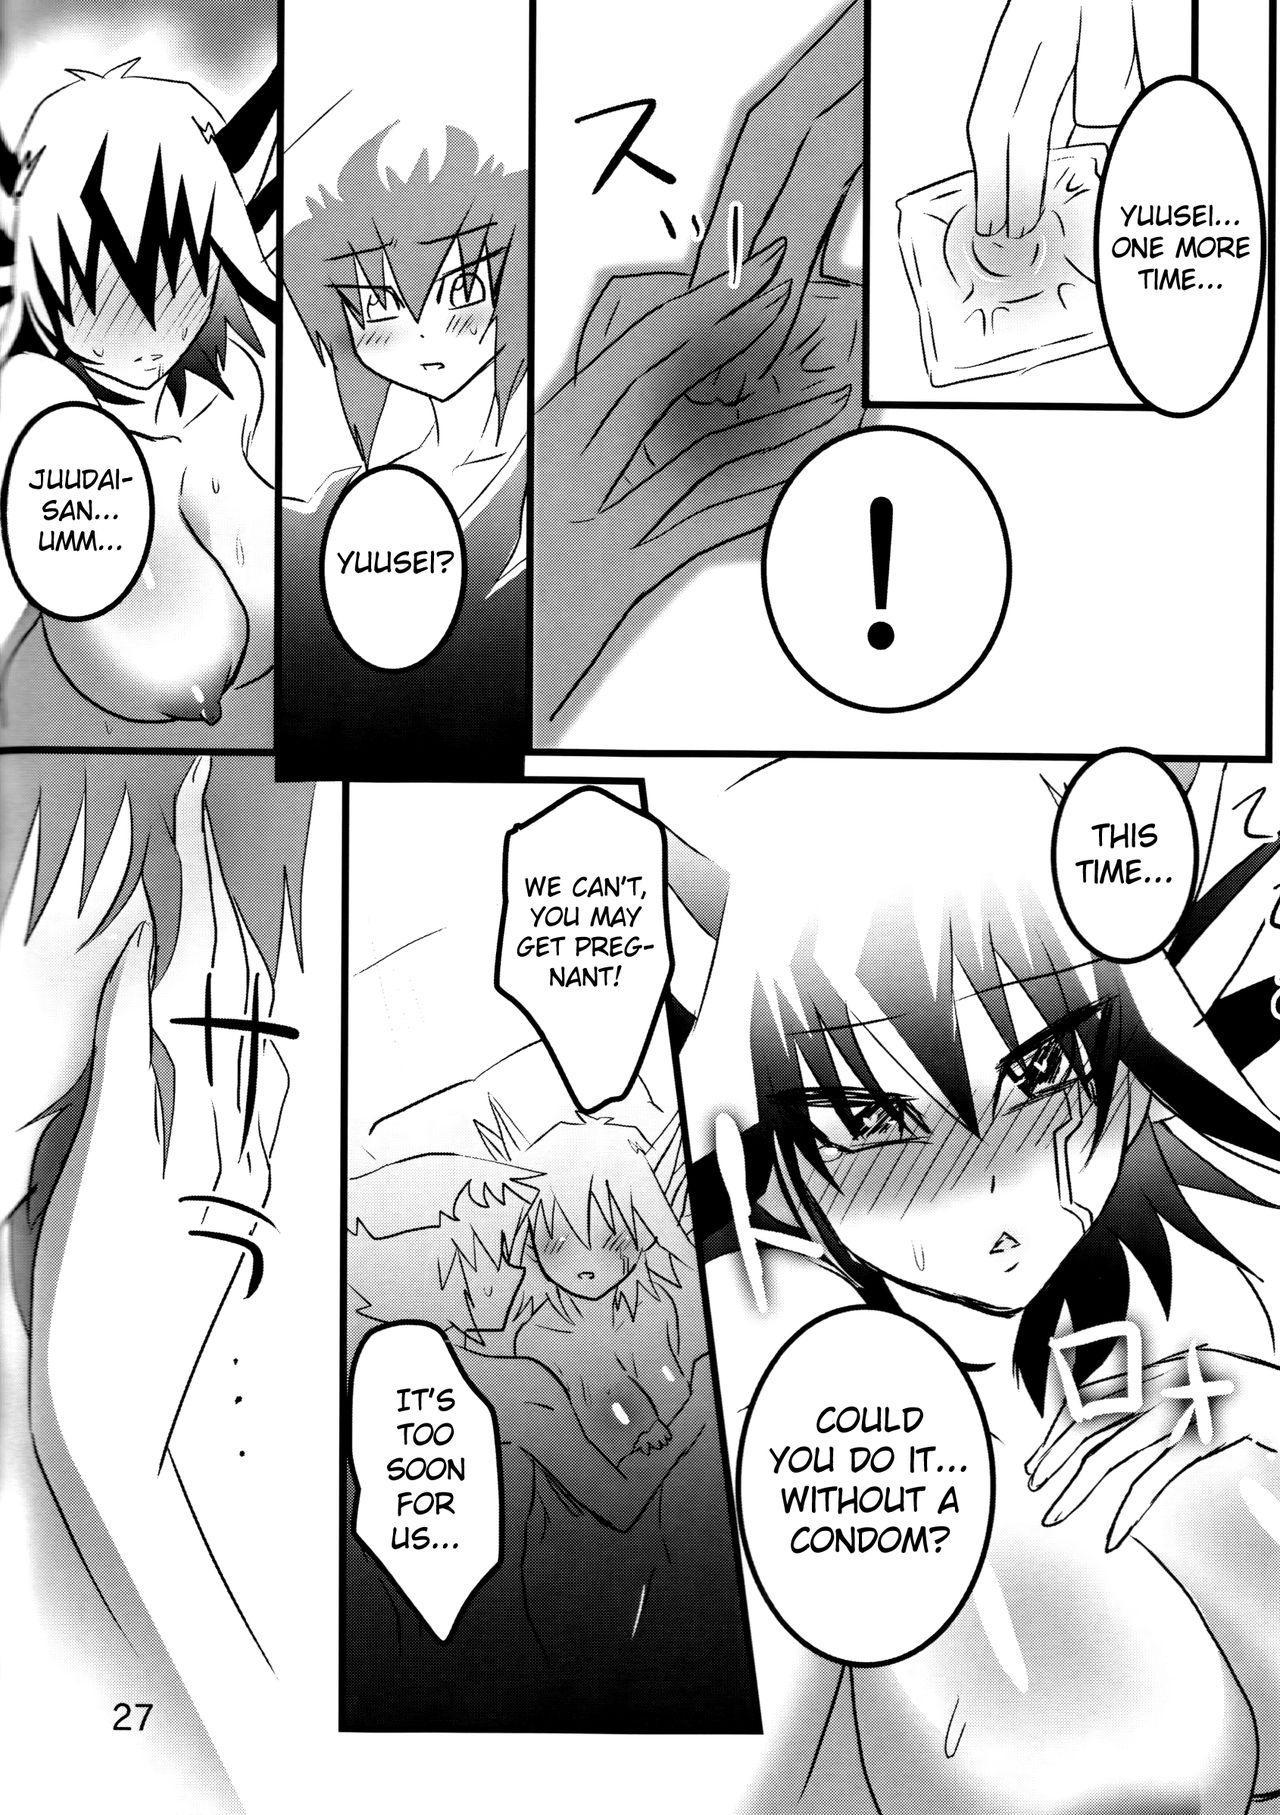 (Sennen Battle Phase 19) [Monpe Kagekiha (Murako)] Doutei Dai-san to Donkan Sei-san ♀ ga Koibito ni naru made no Yakusuun Hi (Yu-Gi-Oh! GX, Yu-Gi-Oh! 5D's) [English] [biribiri] 27